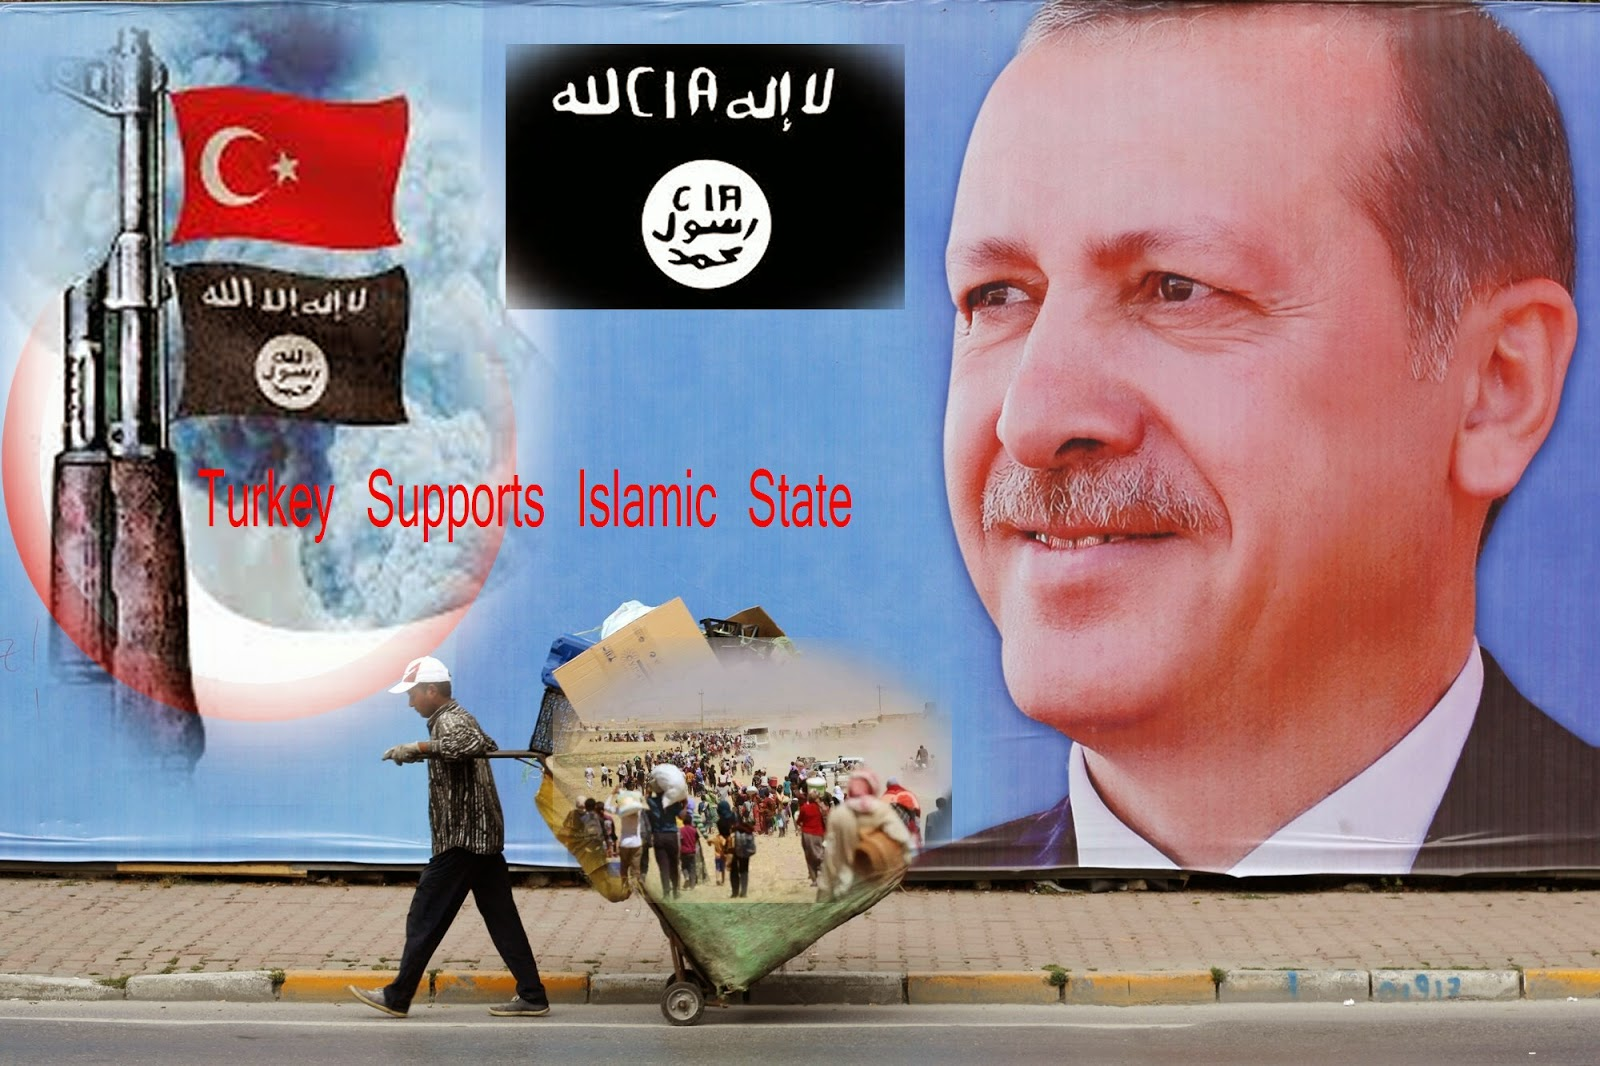 турция поддържа ислямска държава